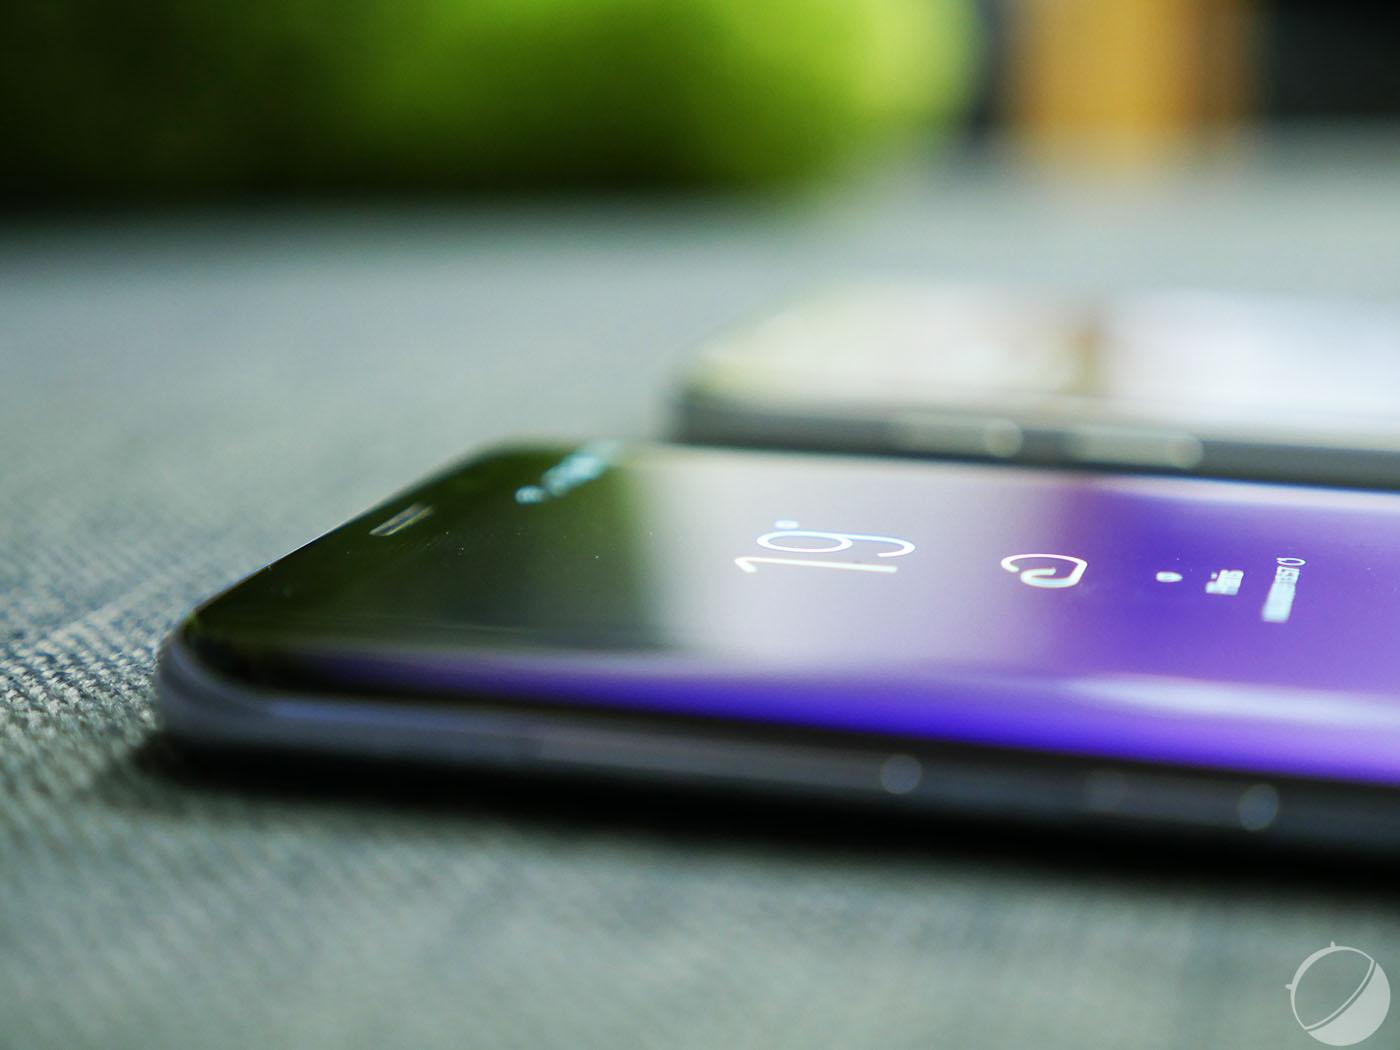 Samsung Galaxy A5 2018 : un nouvel indice pointe vers l'écran Infinity Display